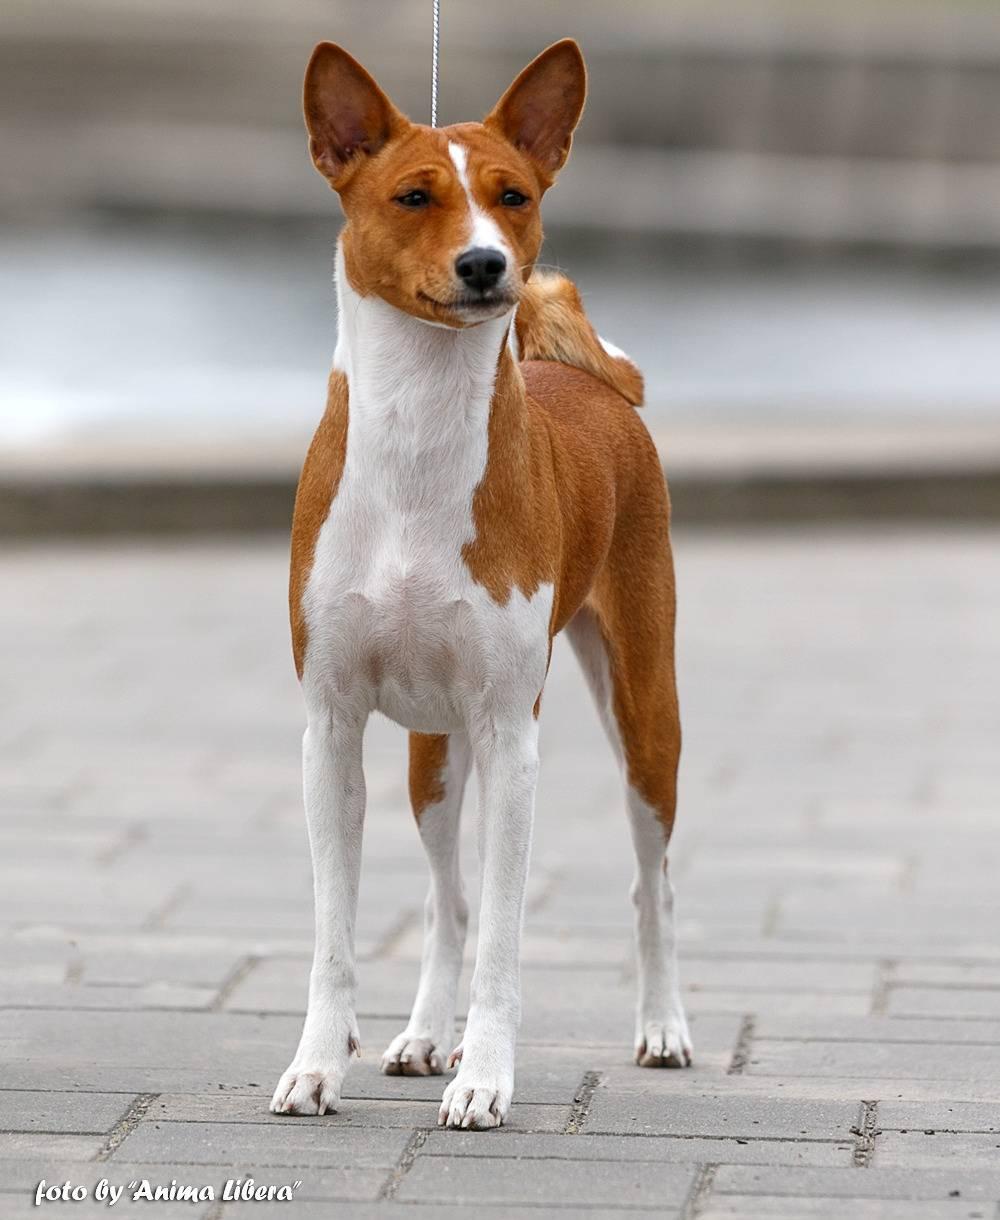 Басенджи: всё о собаке, описание породы и характеристика, фото, видео | dogkind.ru